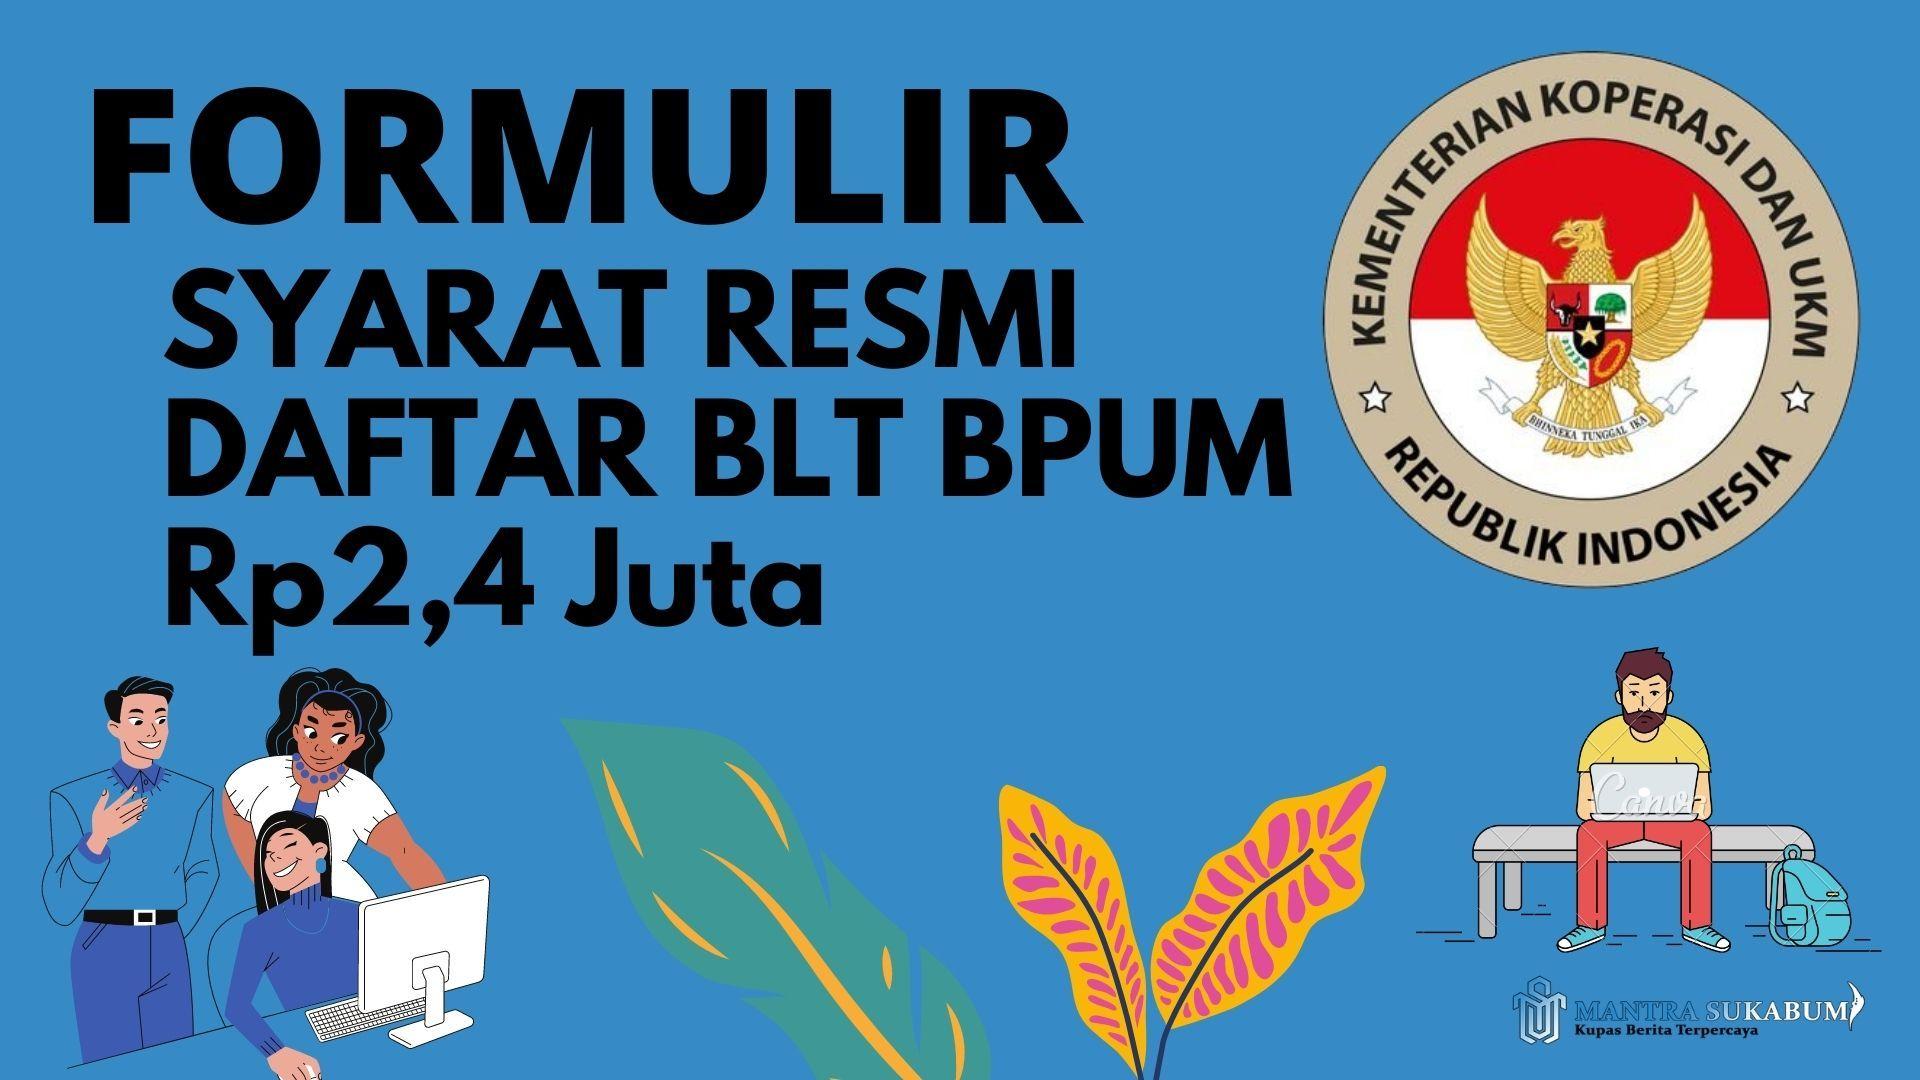 Cara Mudah Daftar Dan Cek Penerima Blt Bpum Umkm Kabupaten Aceh Tenggara Icpns